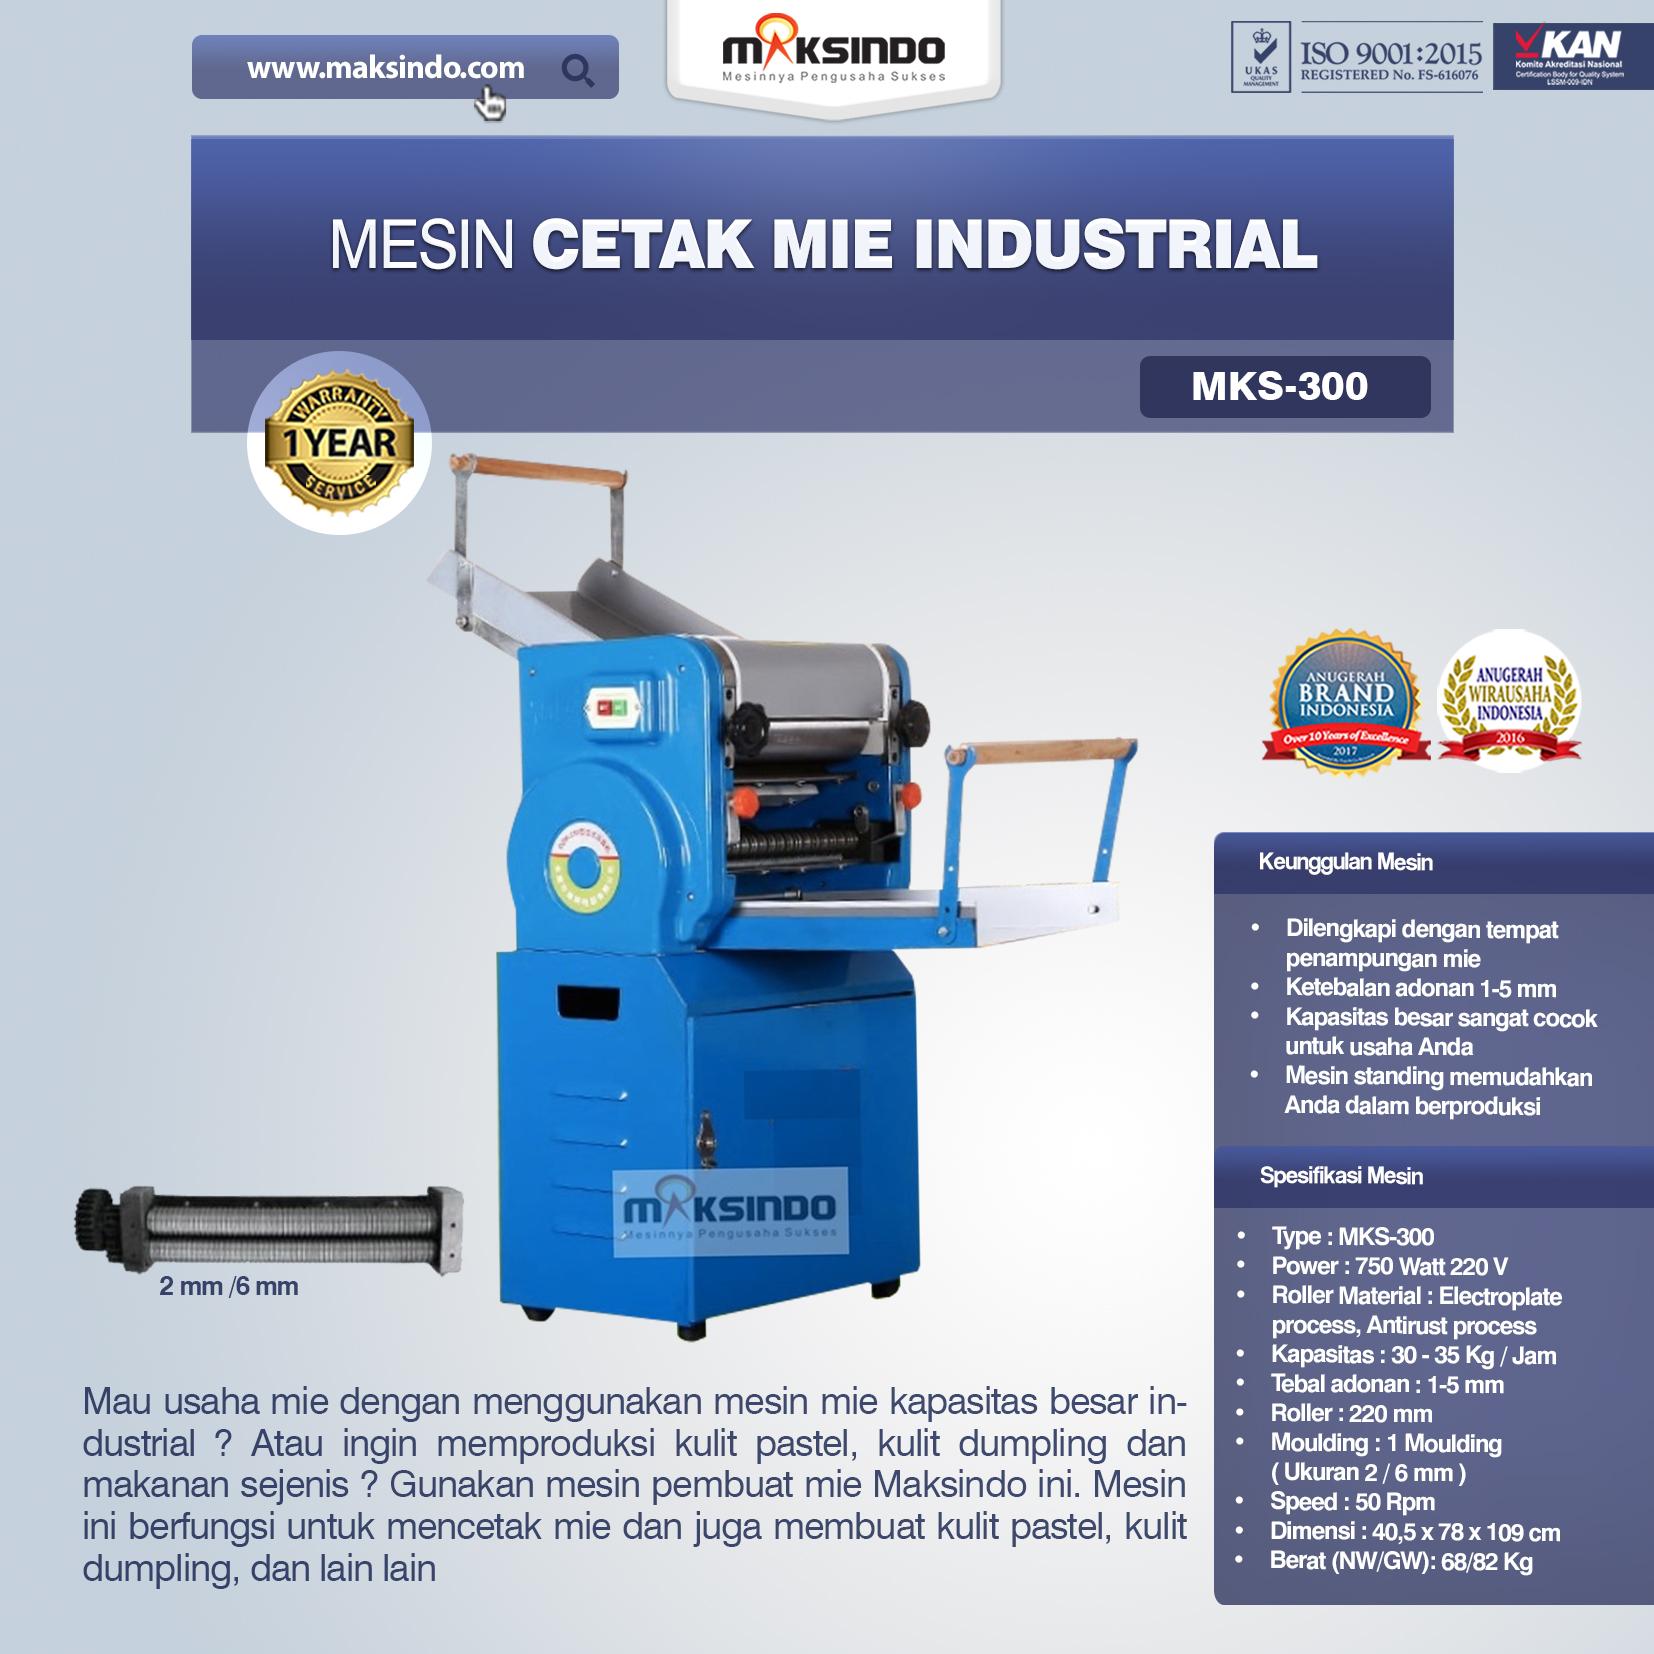 Jual Mesin Cetak Mie Industrial (MKS-300) di Blitar